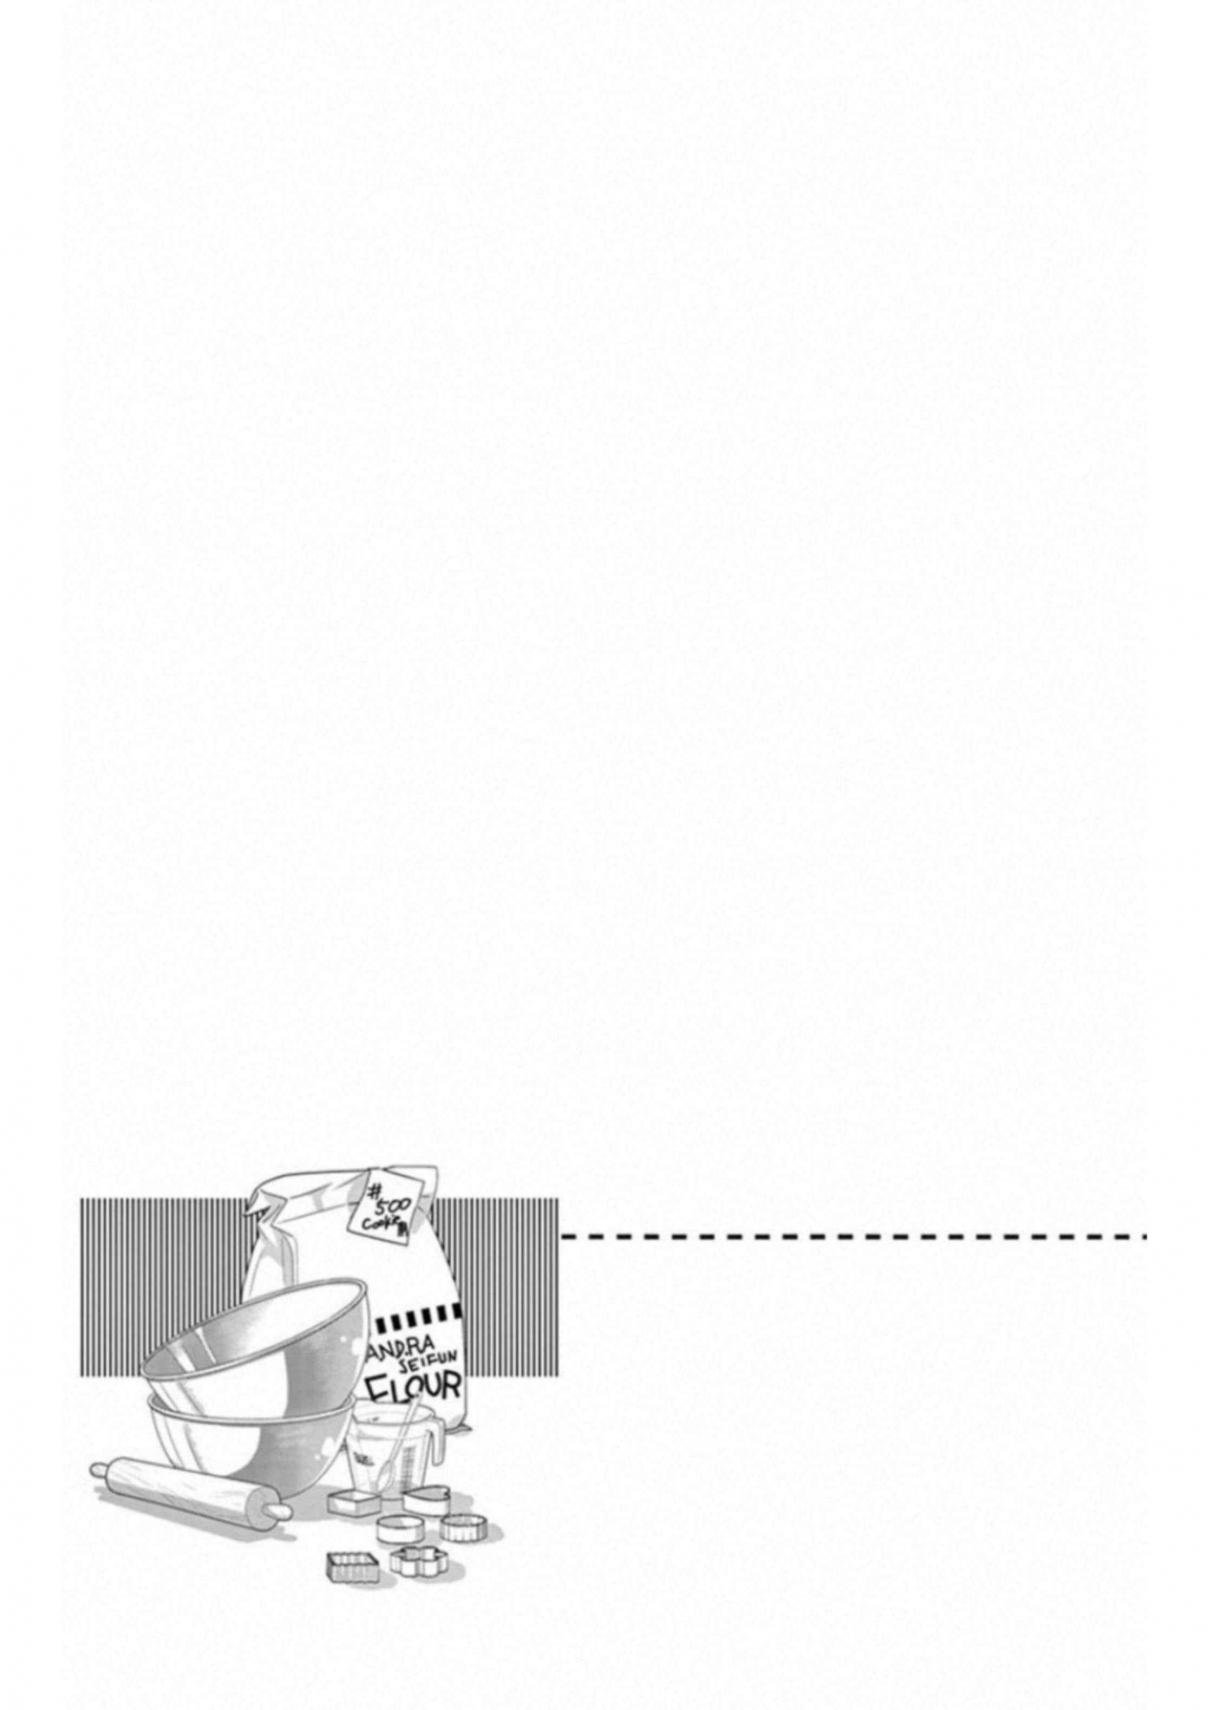 https://img2.nineanime.com/comics/pic2/61/381/860562/f52a97aeb3db83504088d414ae36a7b9.jpg Page 1